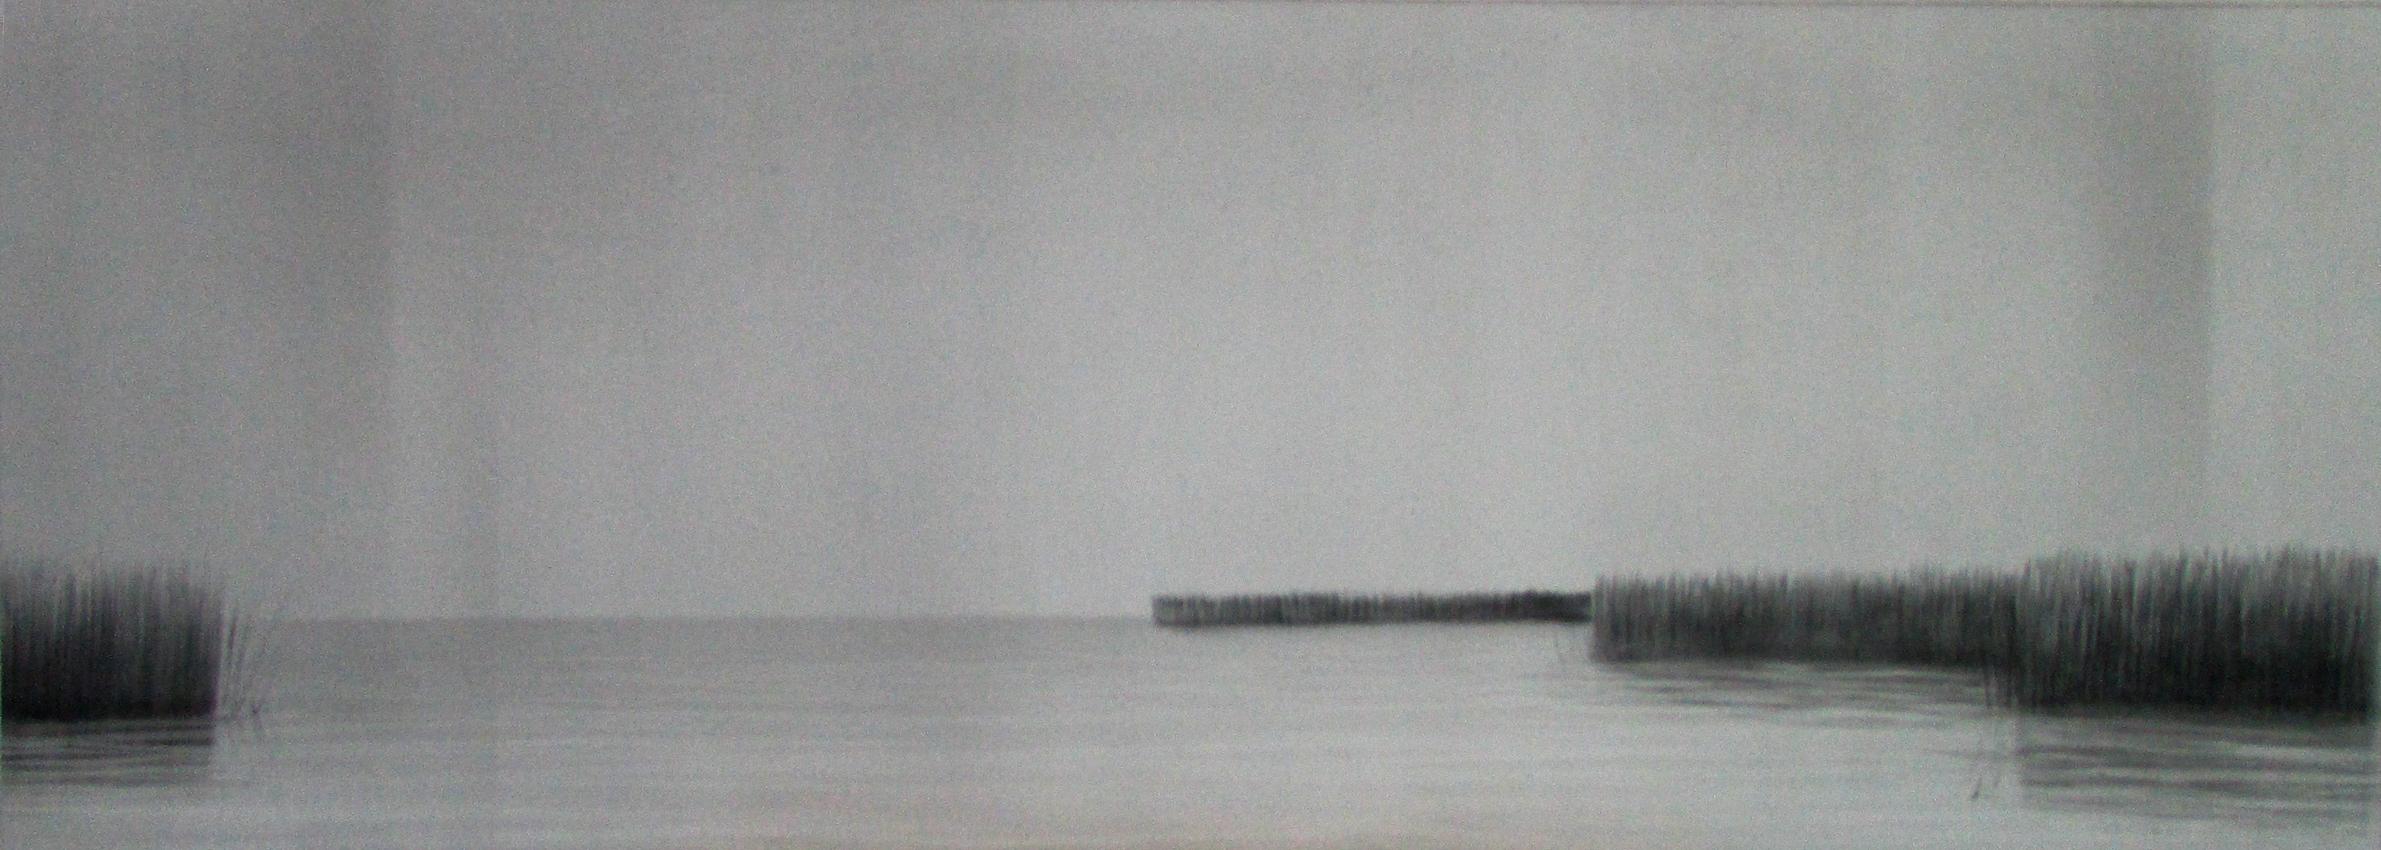 Río de la Plata (2106)